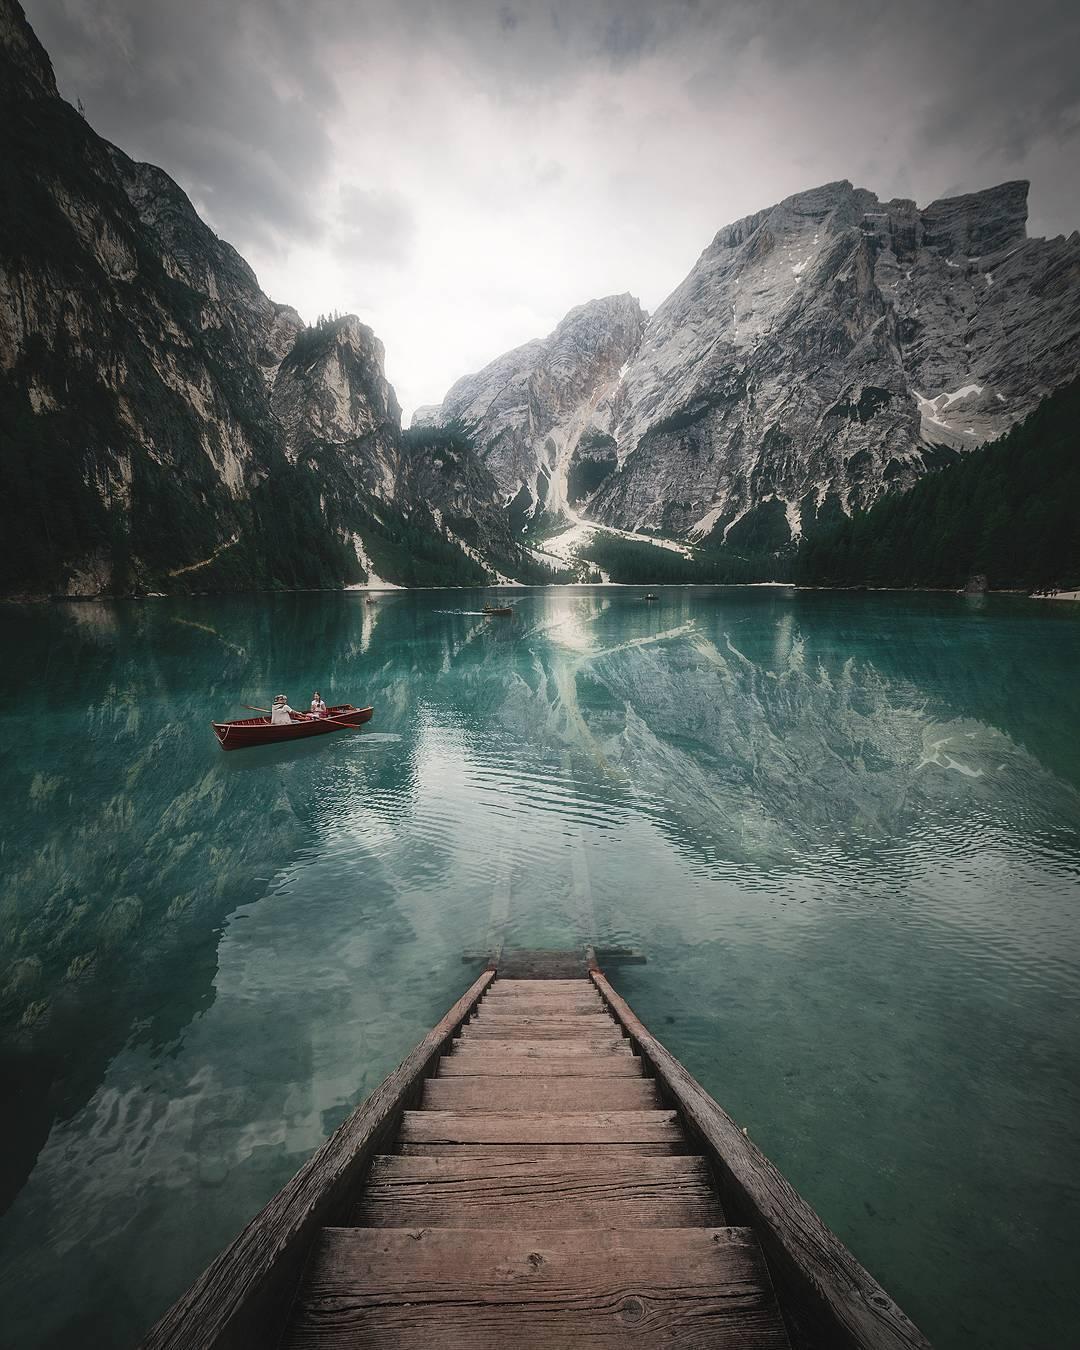 Красивые фото из Instagram rafaelwien